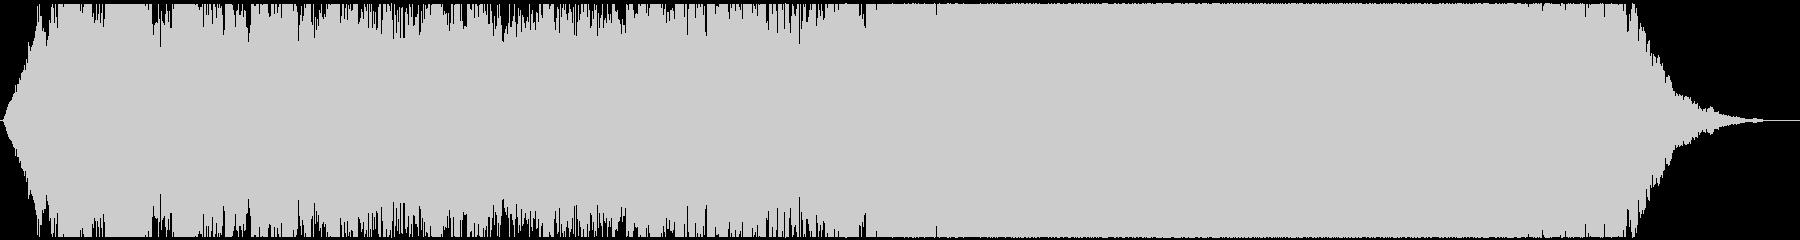 ドローン クール01の未再生の波形